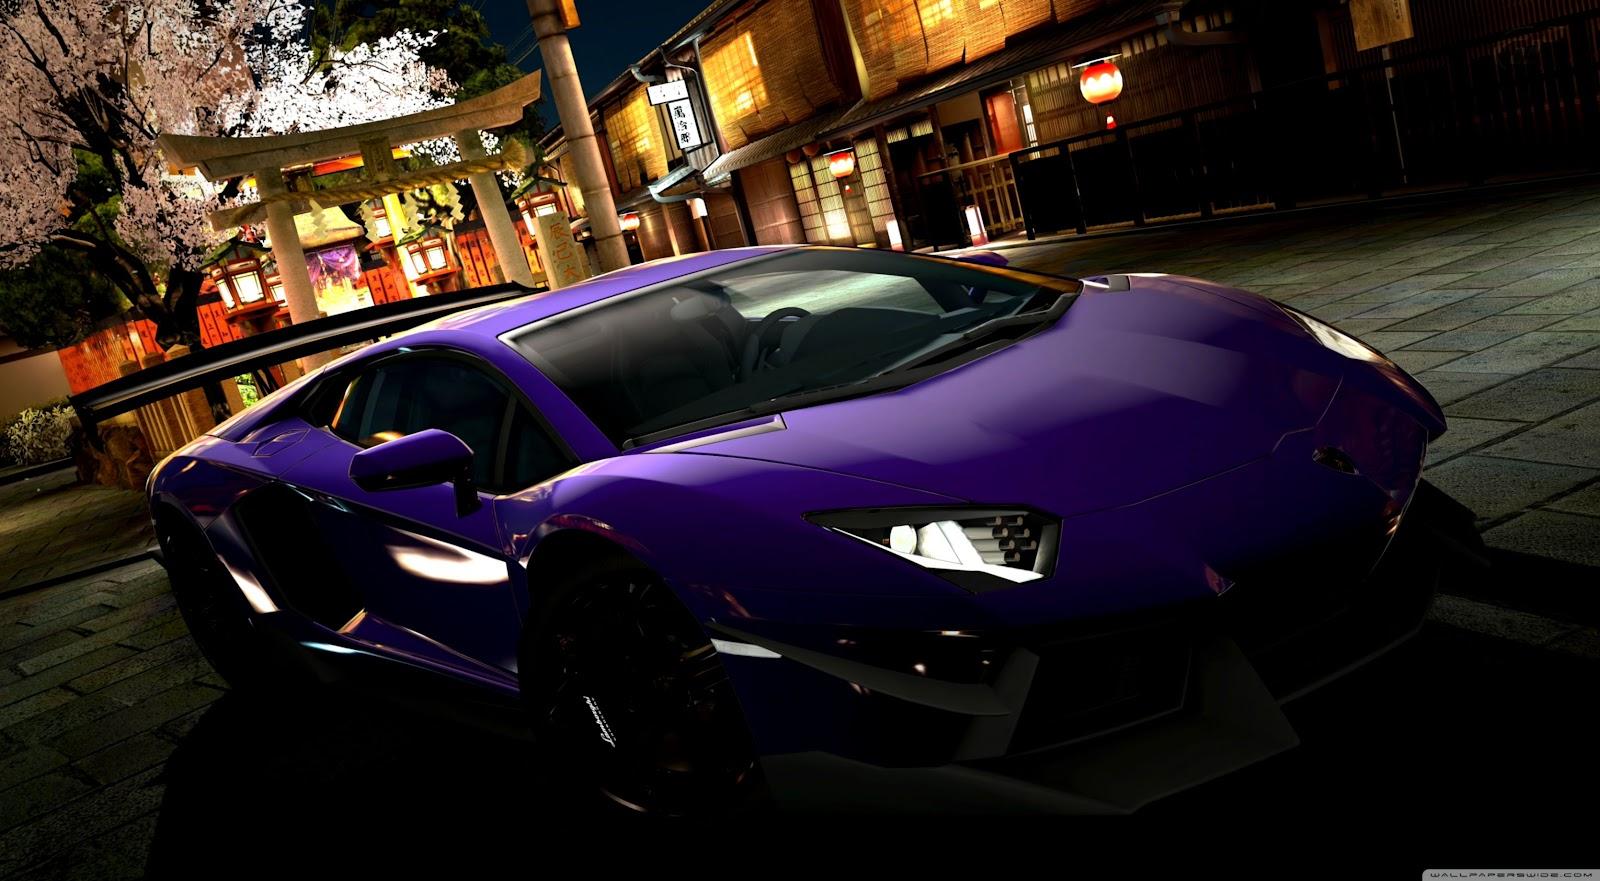 Lamborghini Aventador Purple Wallpaper Desktop Wallpapers